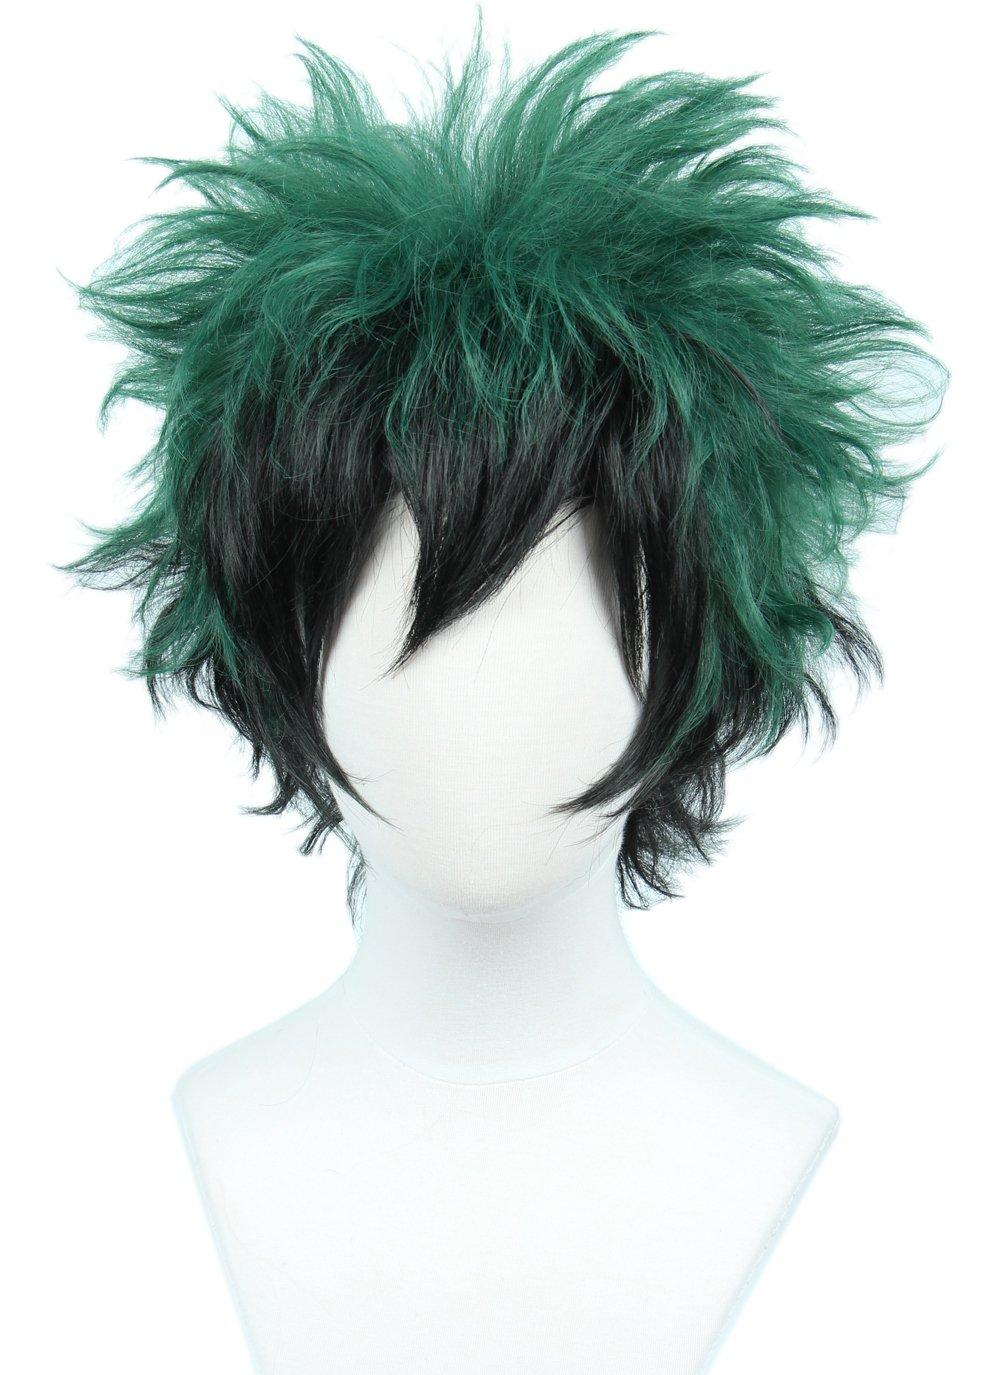 Linfairy Unisex Short Bald Wig Halloween Costume Wig for Adult Sliver+Light Green